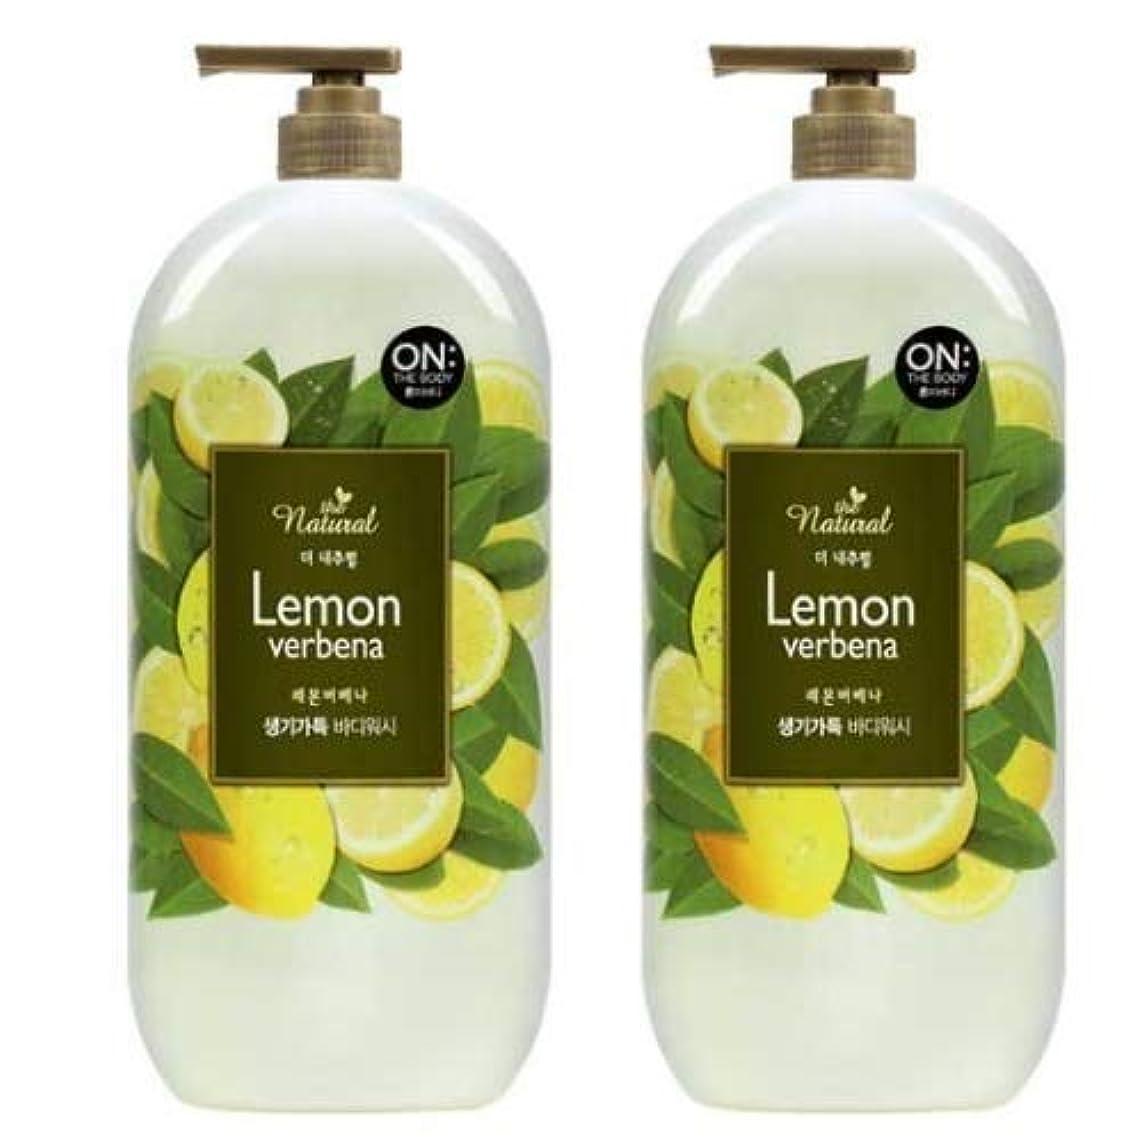 掘るポンドダム[LG HnB] On the Body The Natural Body Wash / オンザボディよりナチュラルウォッシュ900gx2個(海外直送品)